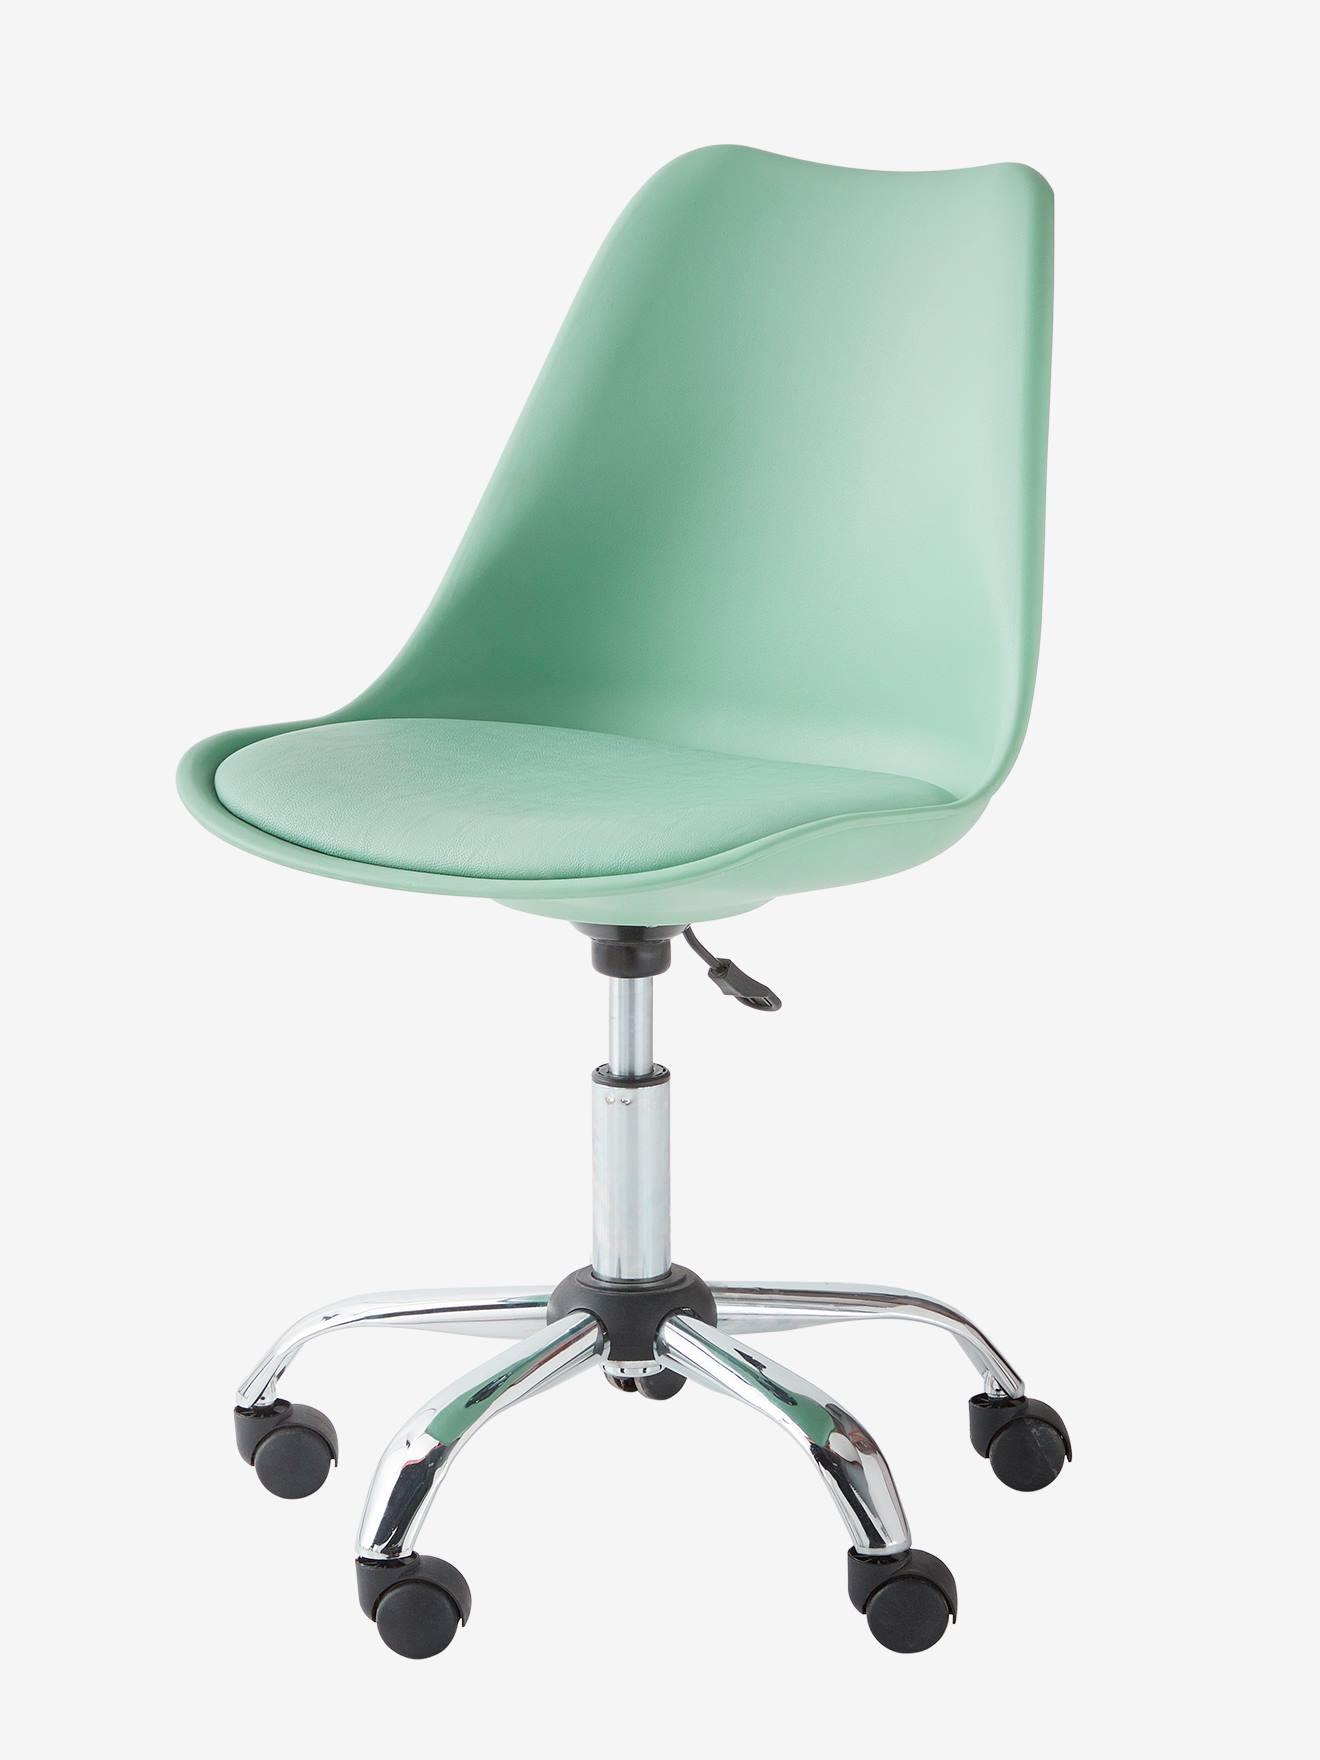 Ma Petite Chaise Nantes chaise de bureau primaire à roulettes vert - vertbaudet